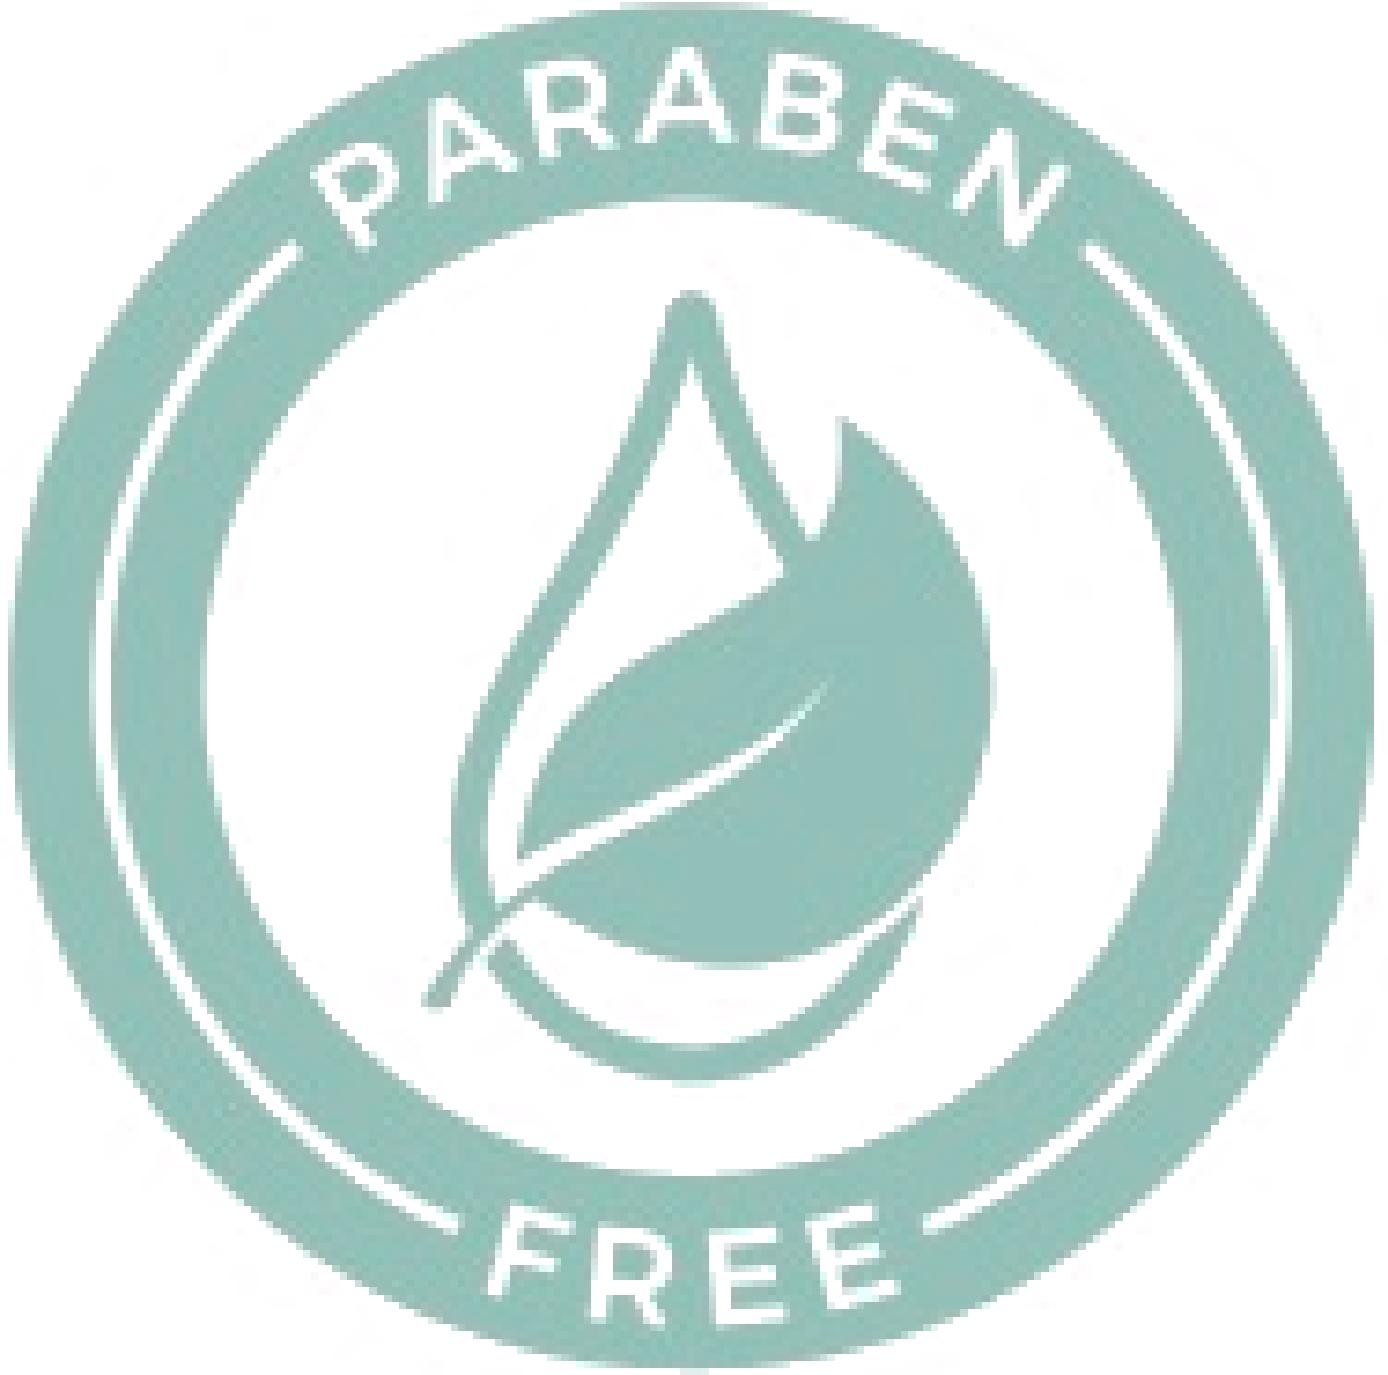 Green Paraben Free certificate symbol